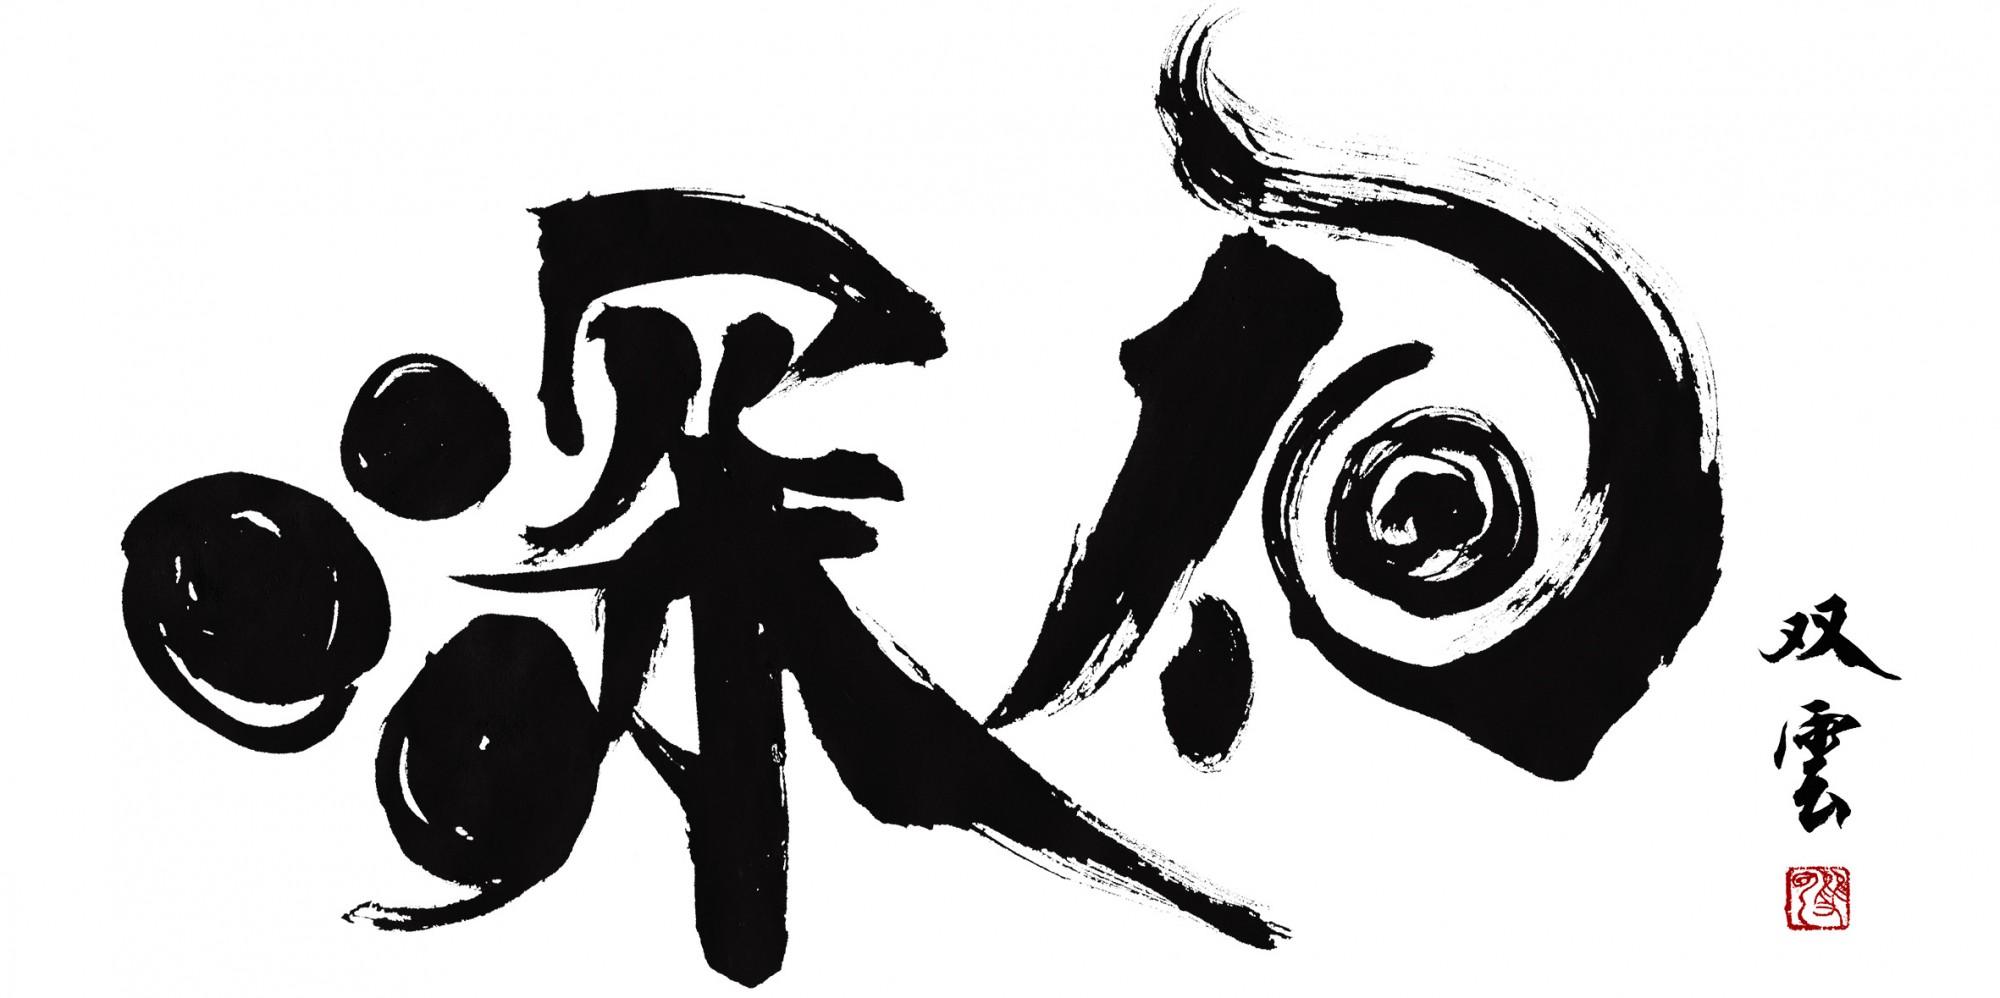 書道家・武田双雲氏による展覧会がSEZON ART GALLERYで開催